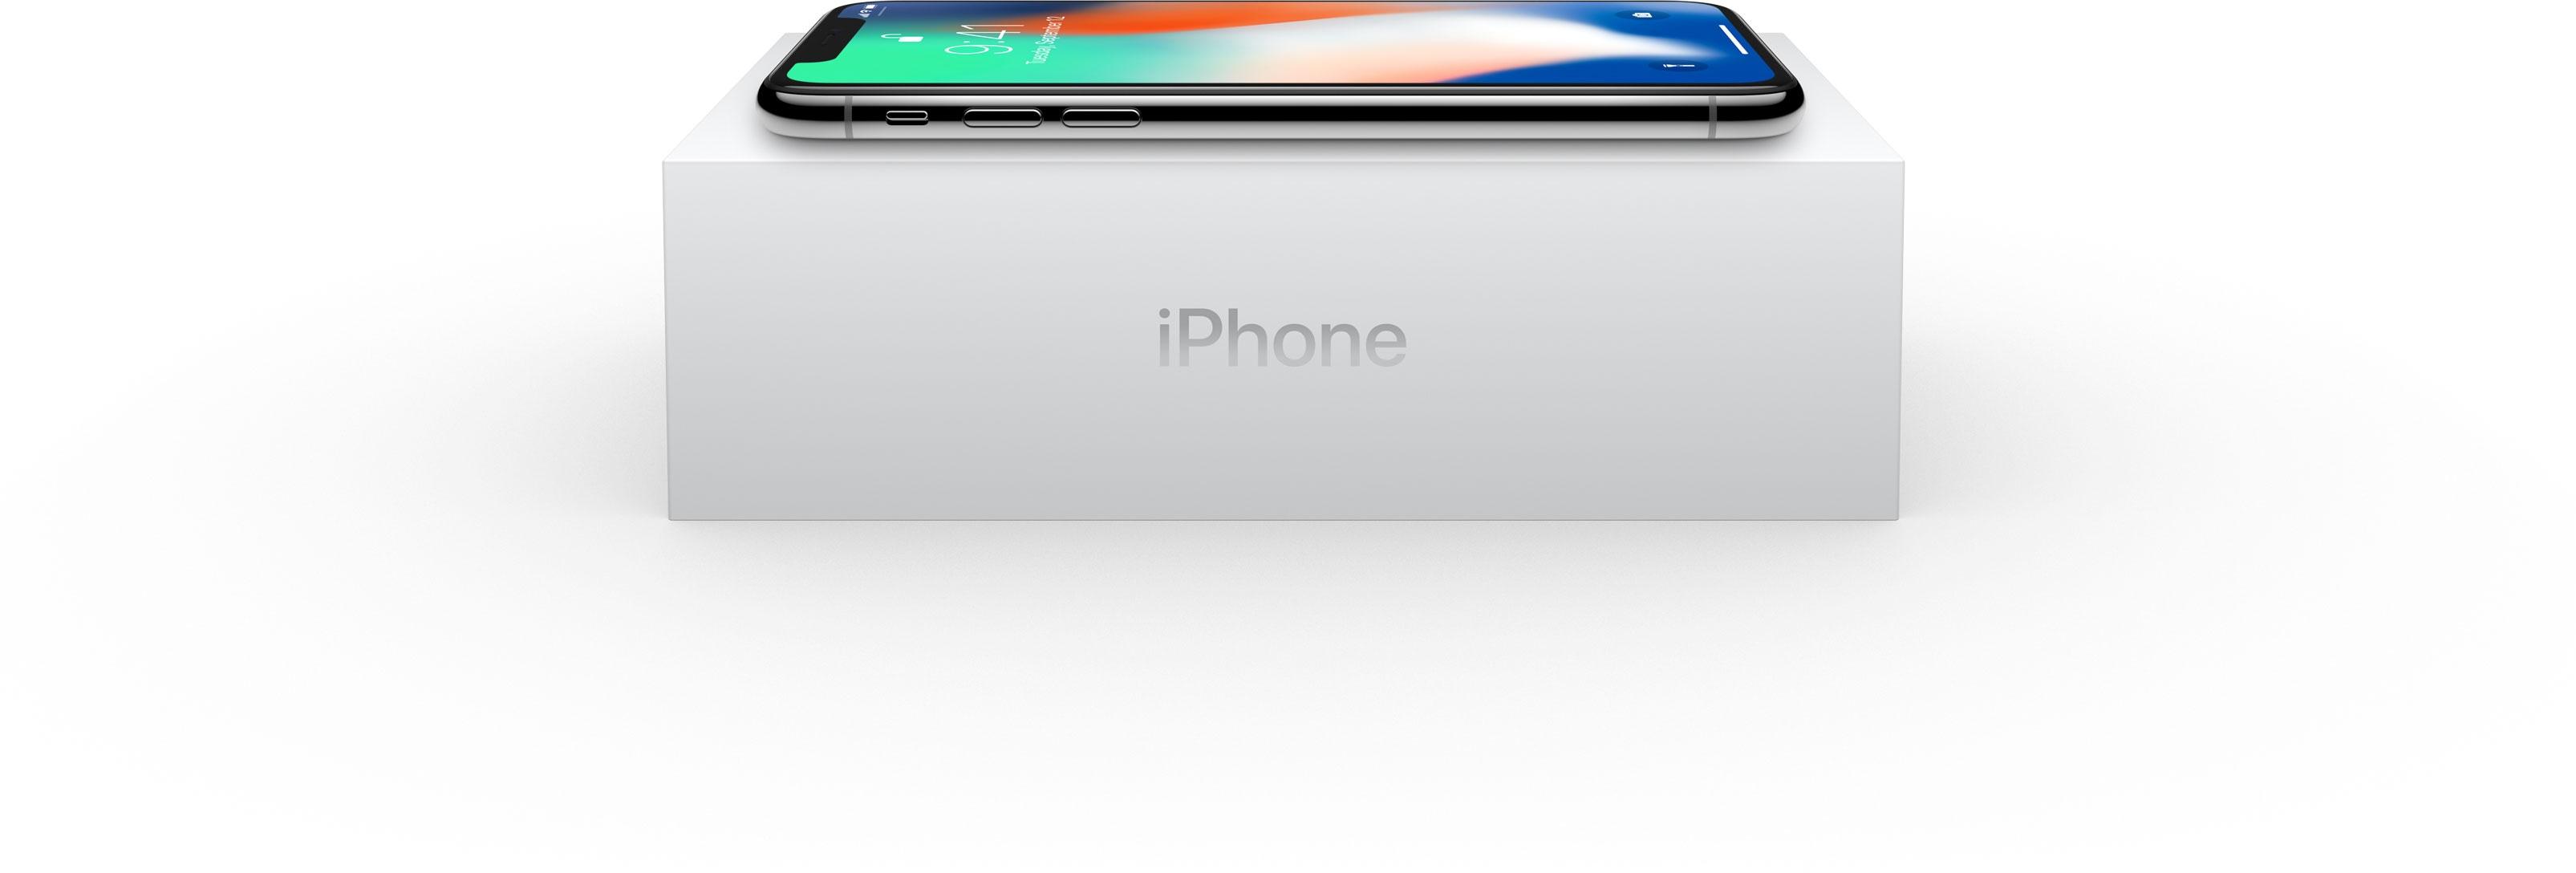 iPhone X sobre a sua caixa